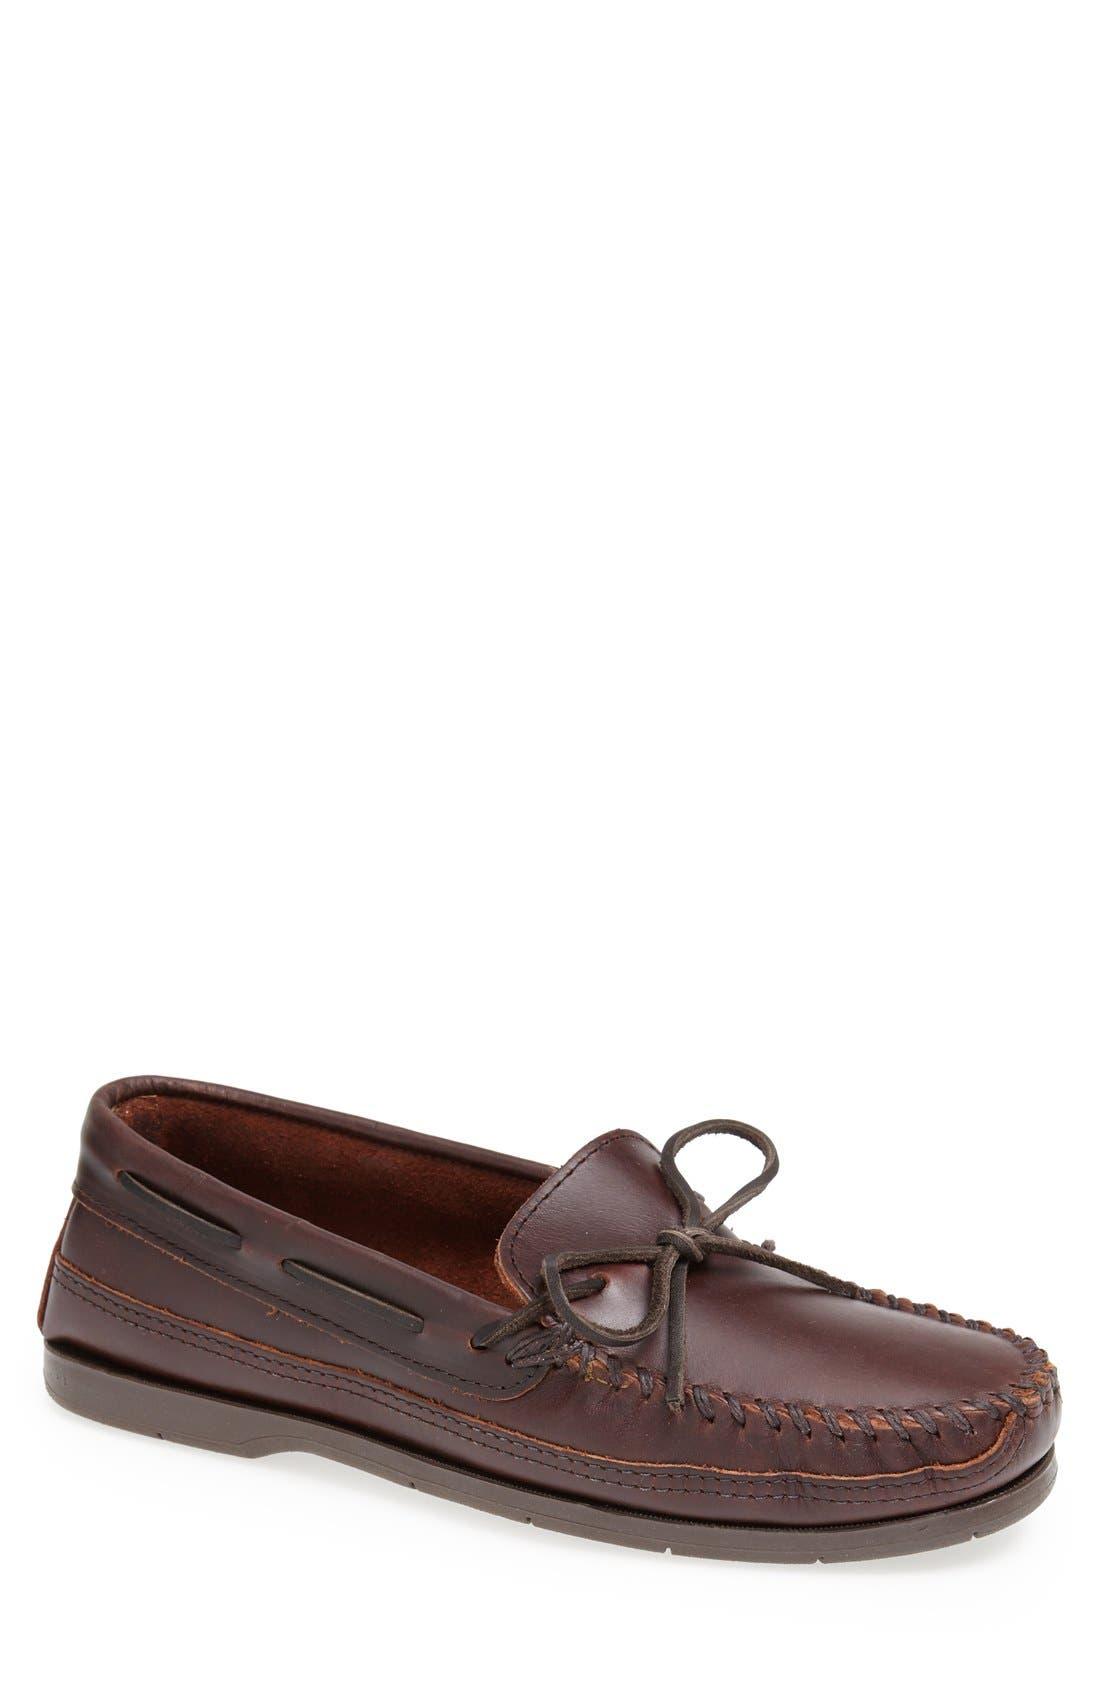 Trend Mark Men Minnetonka Double Bottom Loafer Brown - K4L58H7752